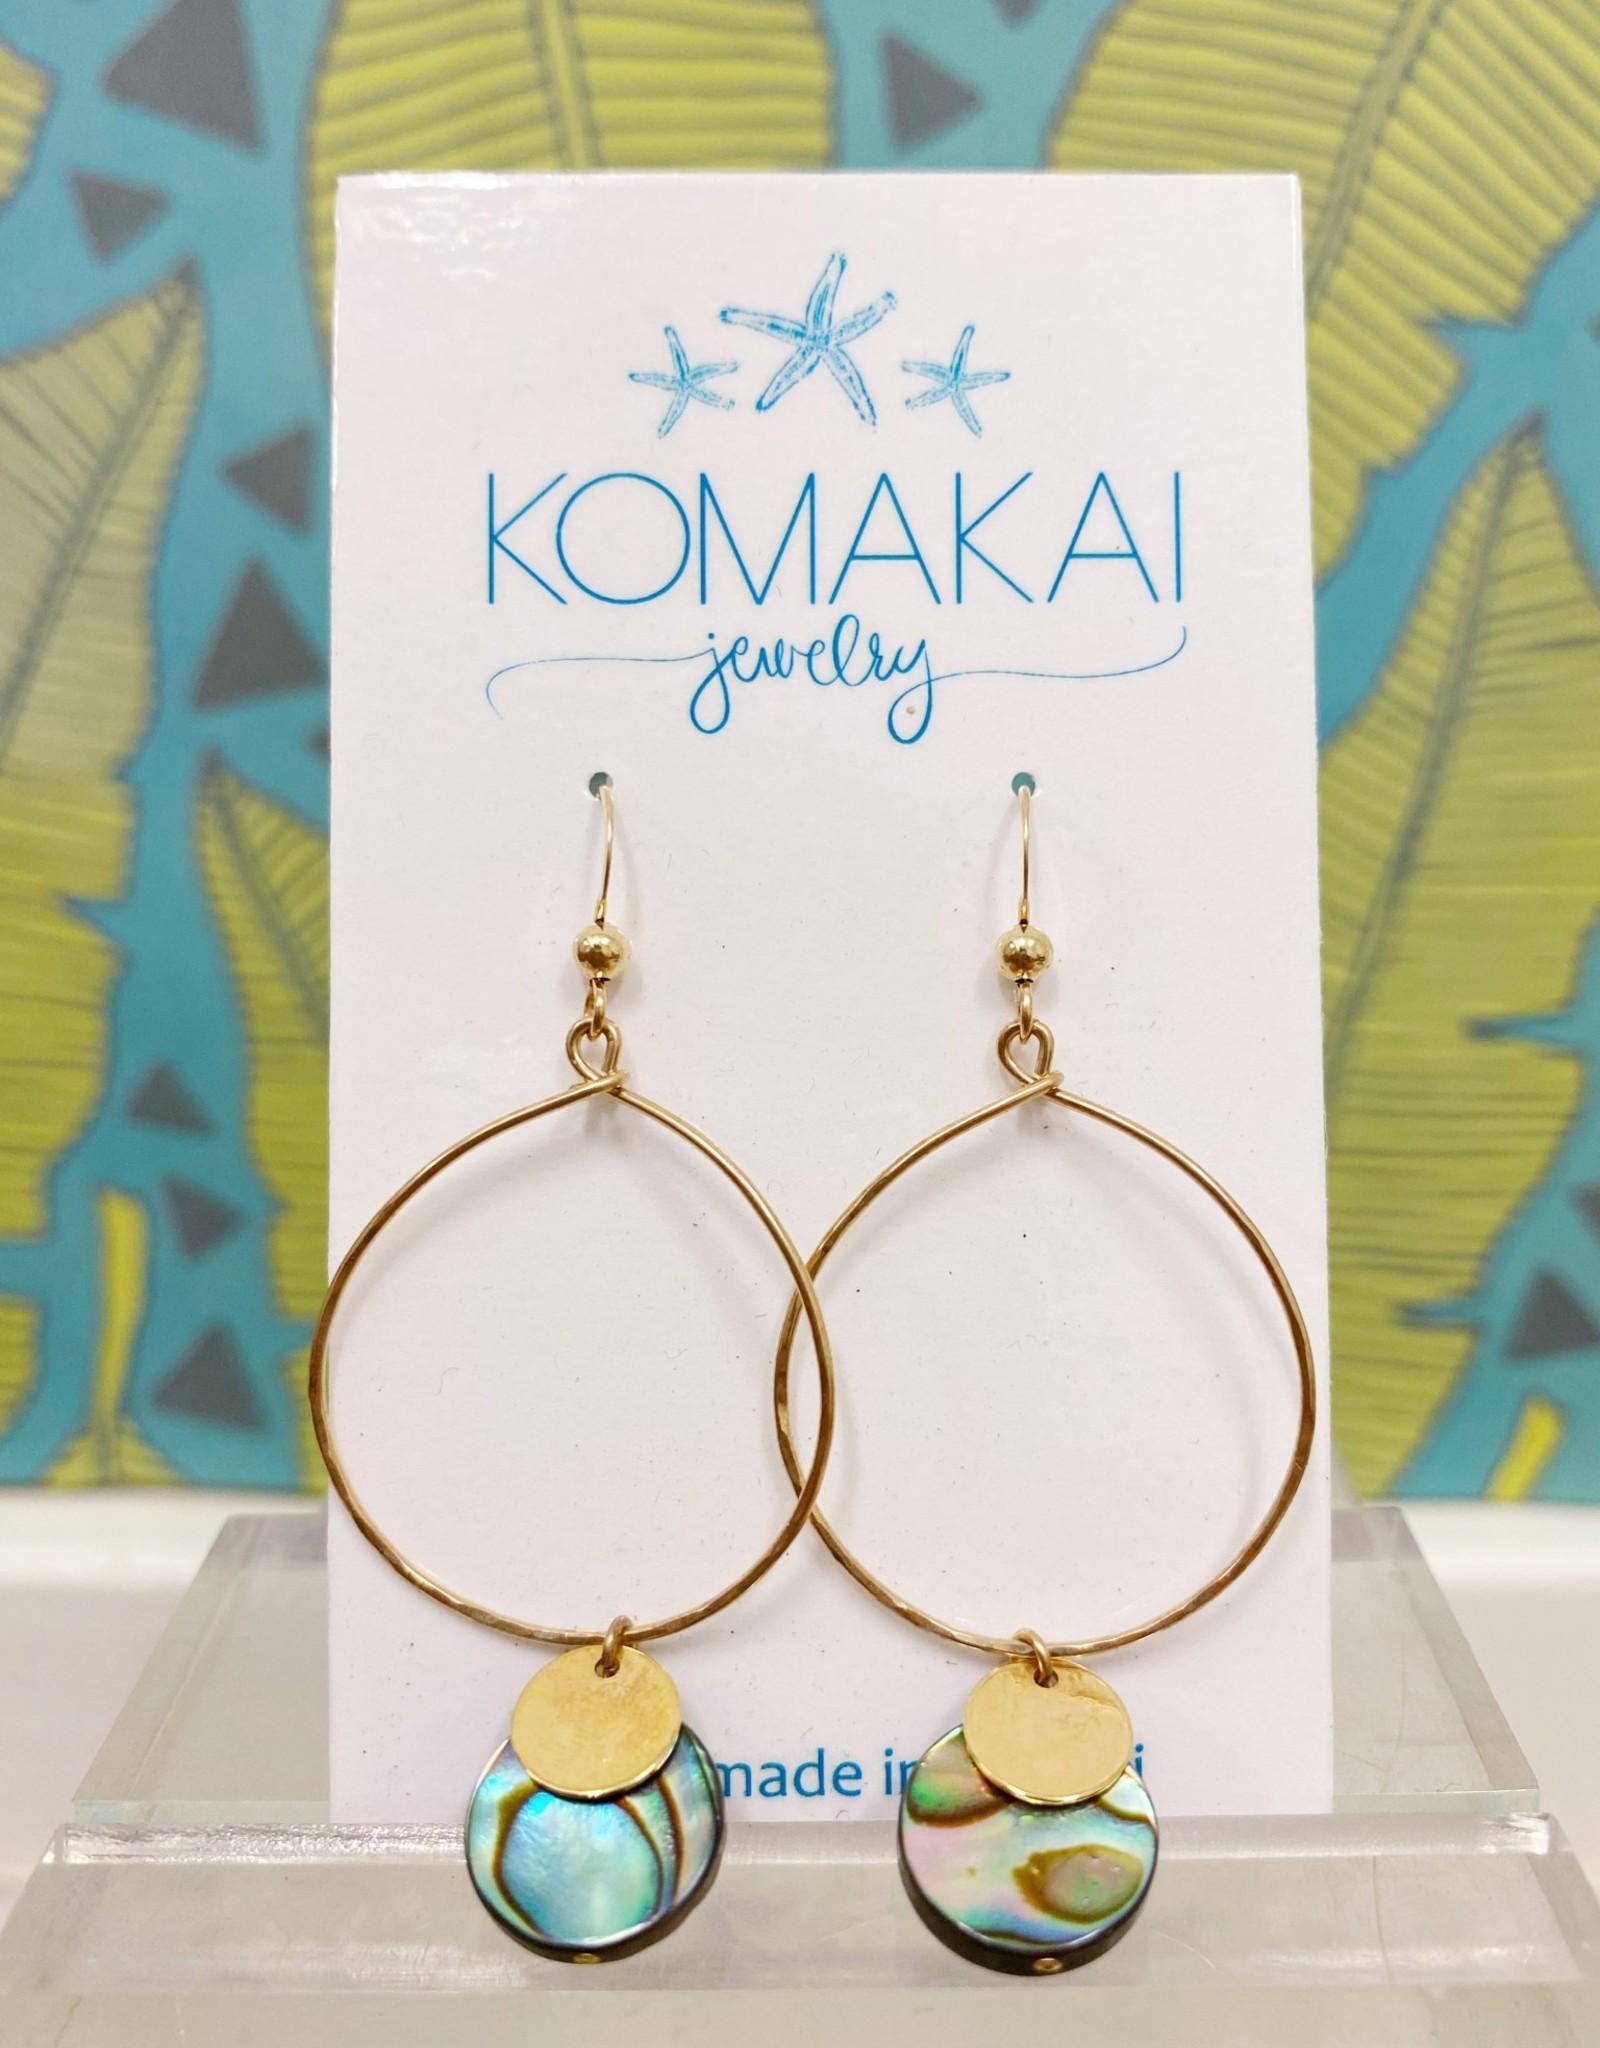 Komakai Jewelry Eclipse Earrings